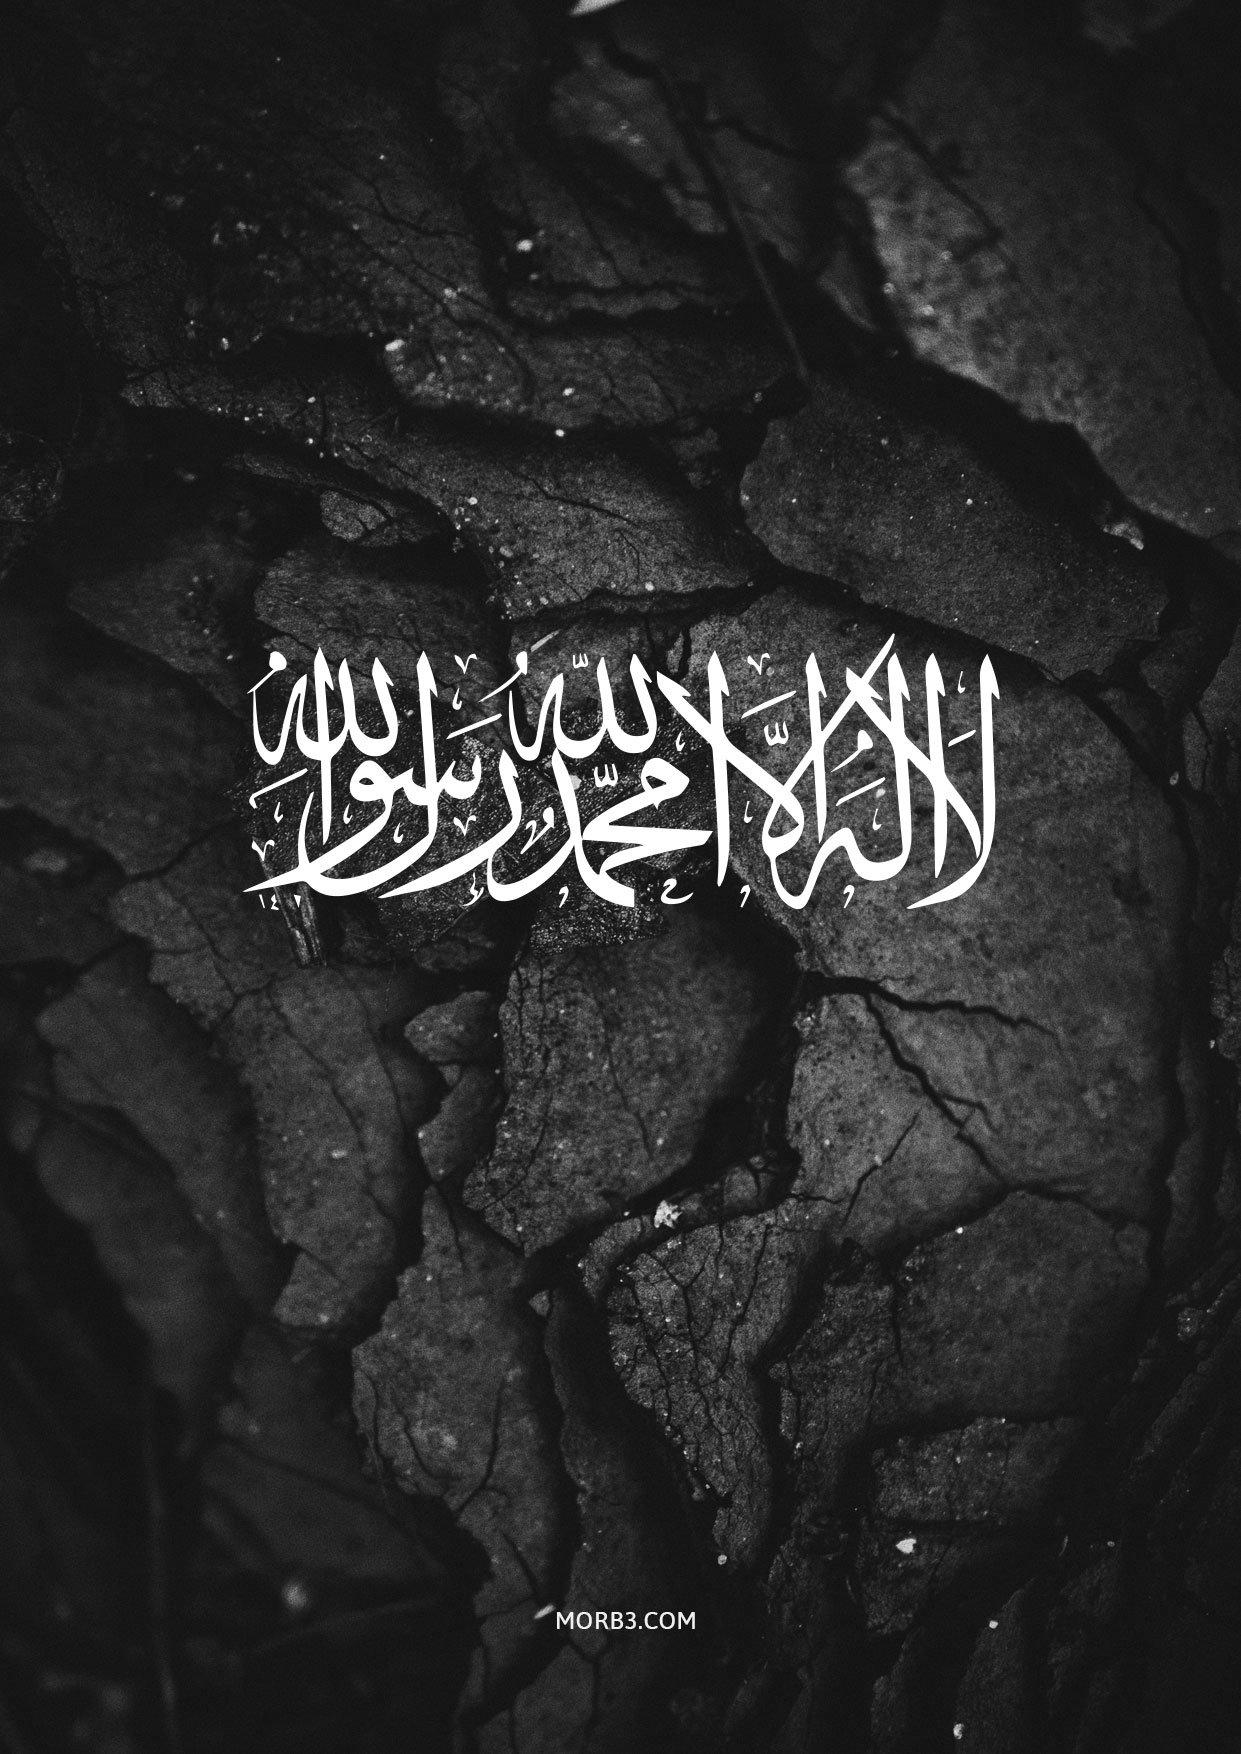 صور خلفيات اسلامية سوداء للموبايل ايفون Hd 2020 لا اله الا الله محمد رسول الله مربع